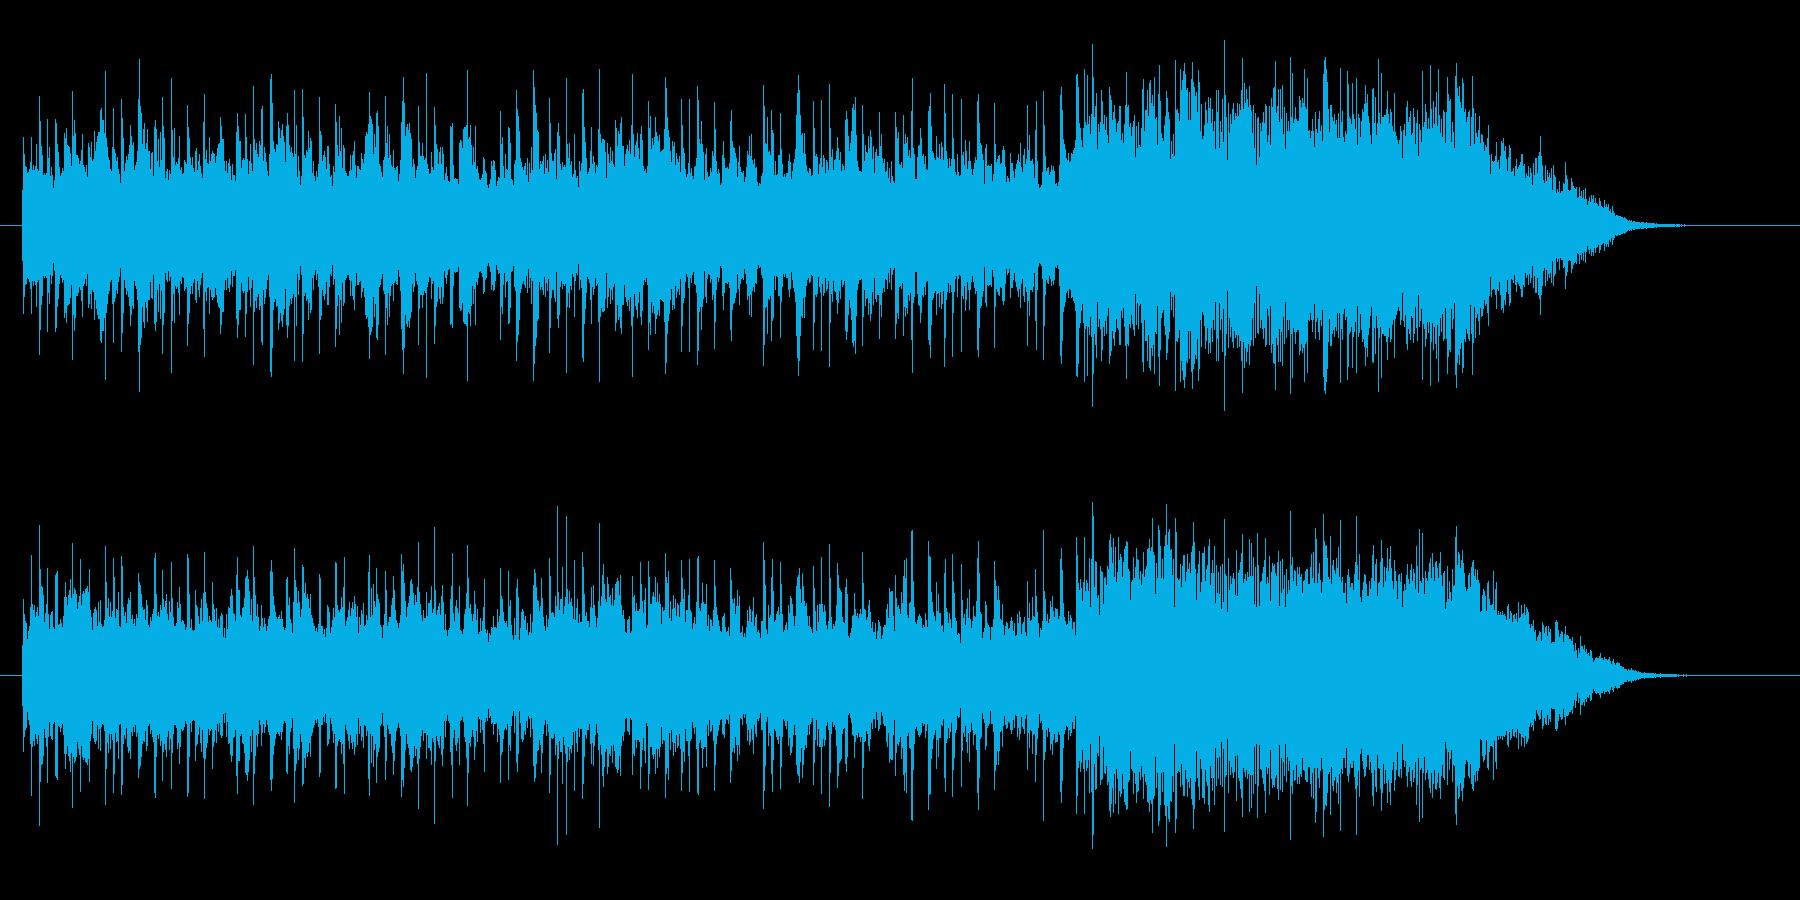 神秘的で優雅なヒーリングジングルの再生済みの波形